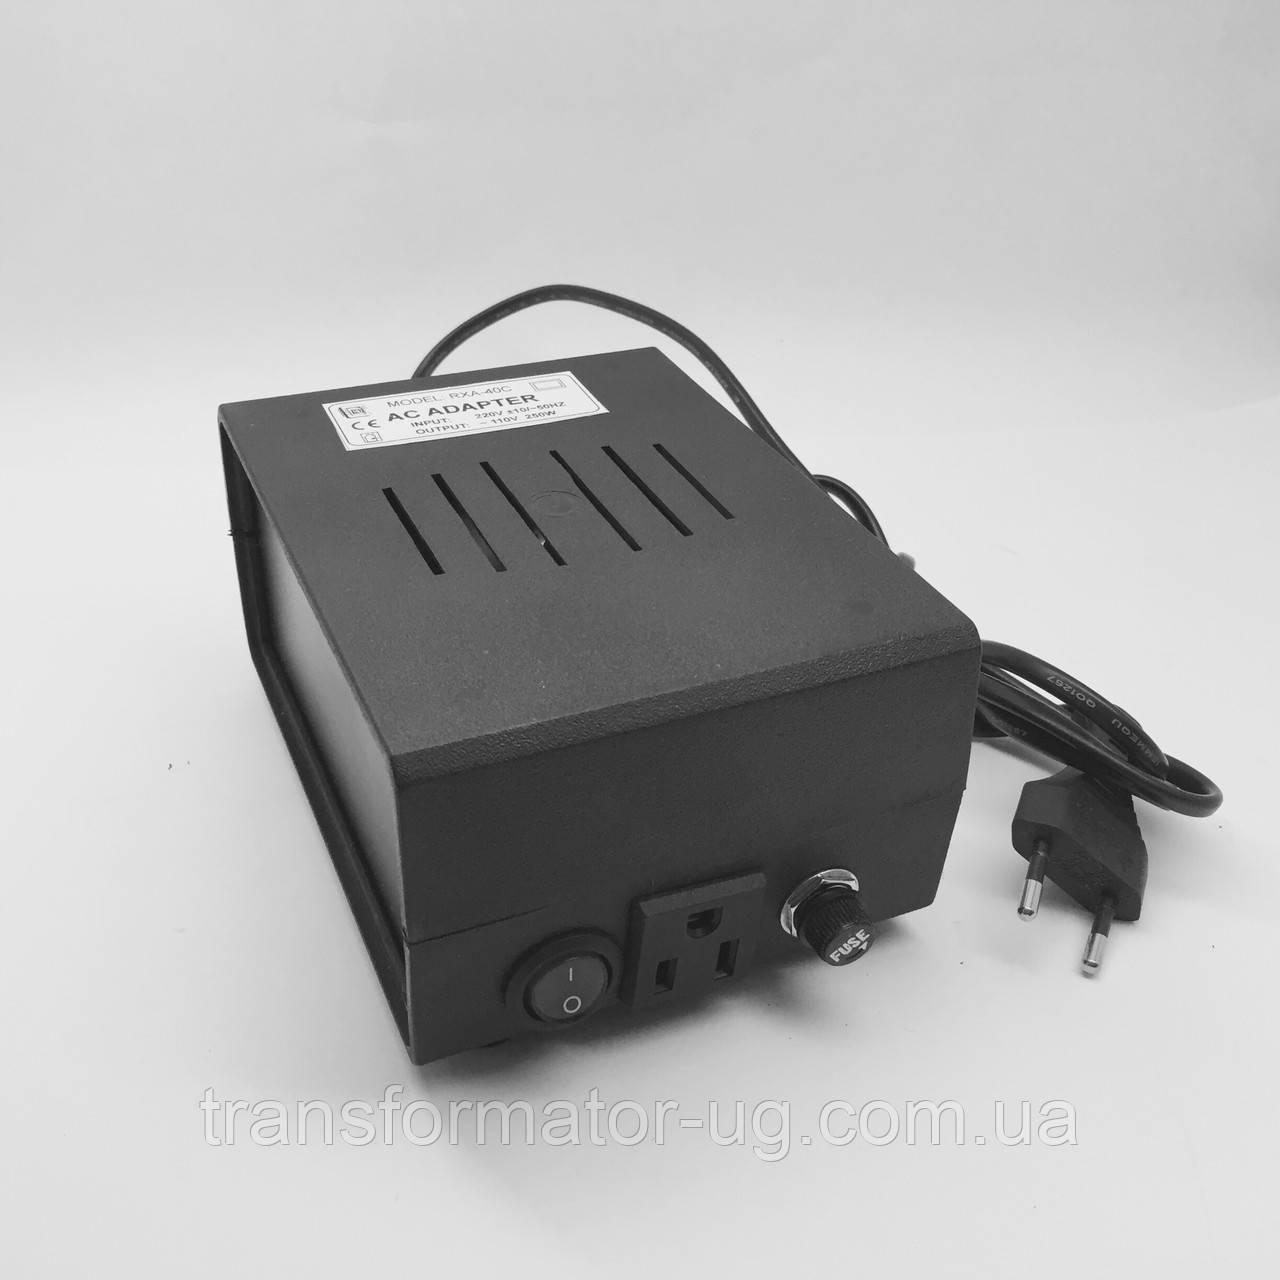 Преобразователи напряжения с 220v на 110v-120V 250w